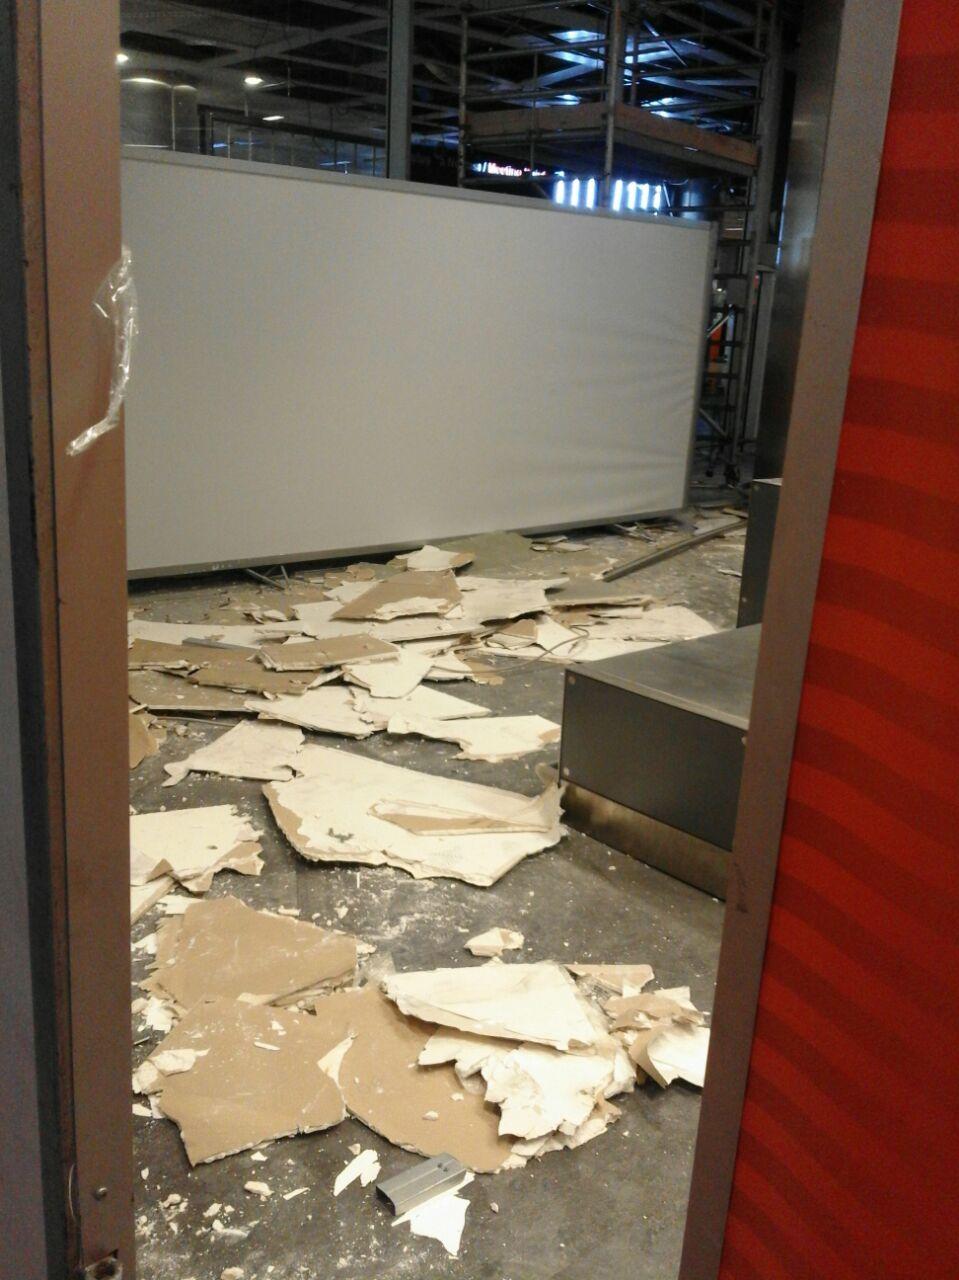 Resultados da destruição com a explosão. Foto tirada pelo pastor adventista.